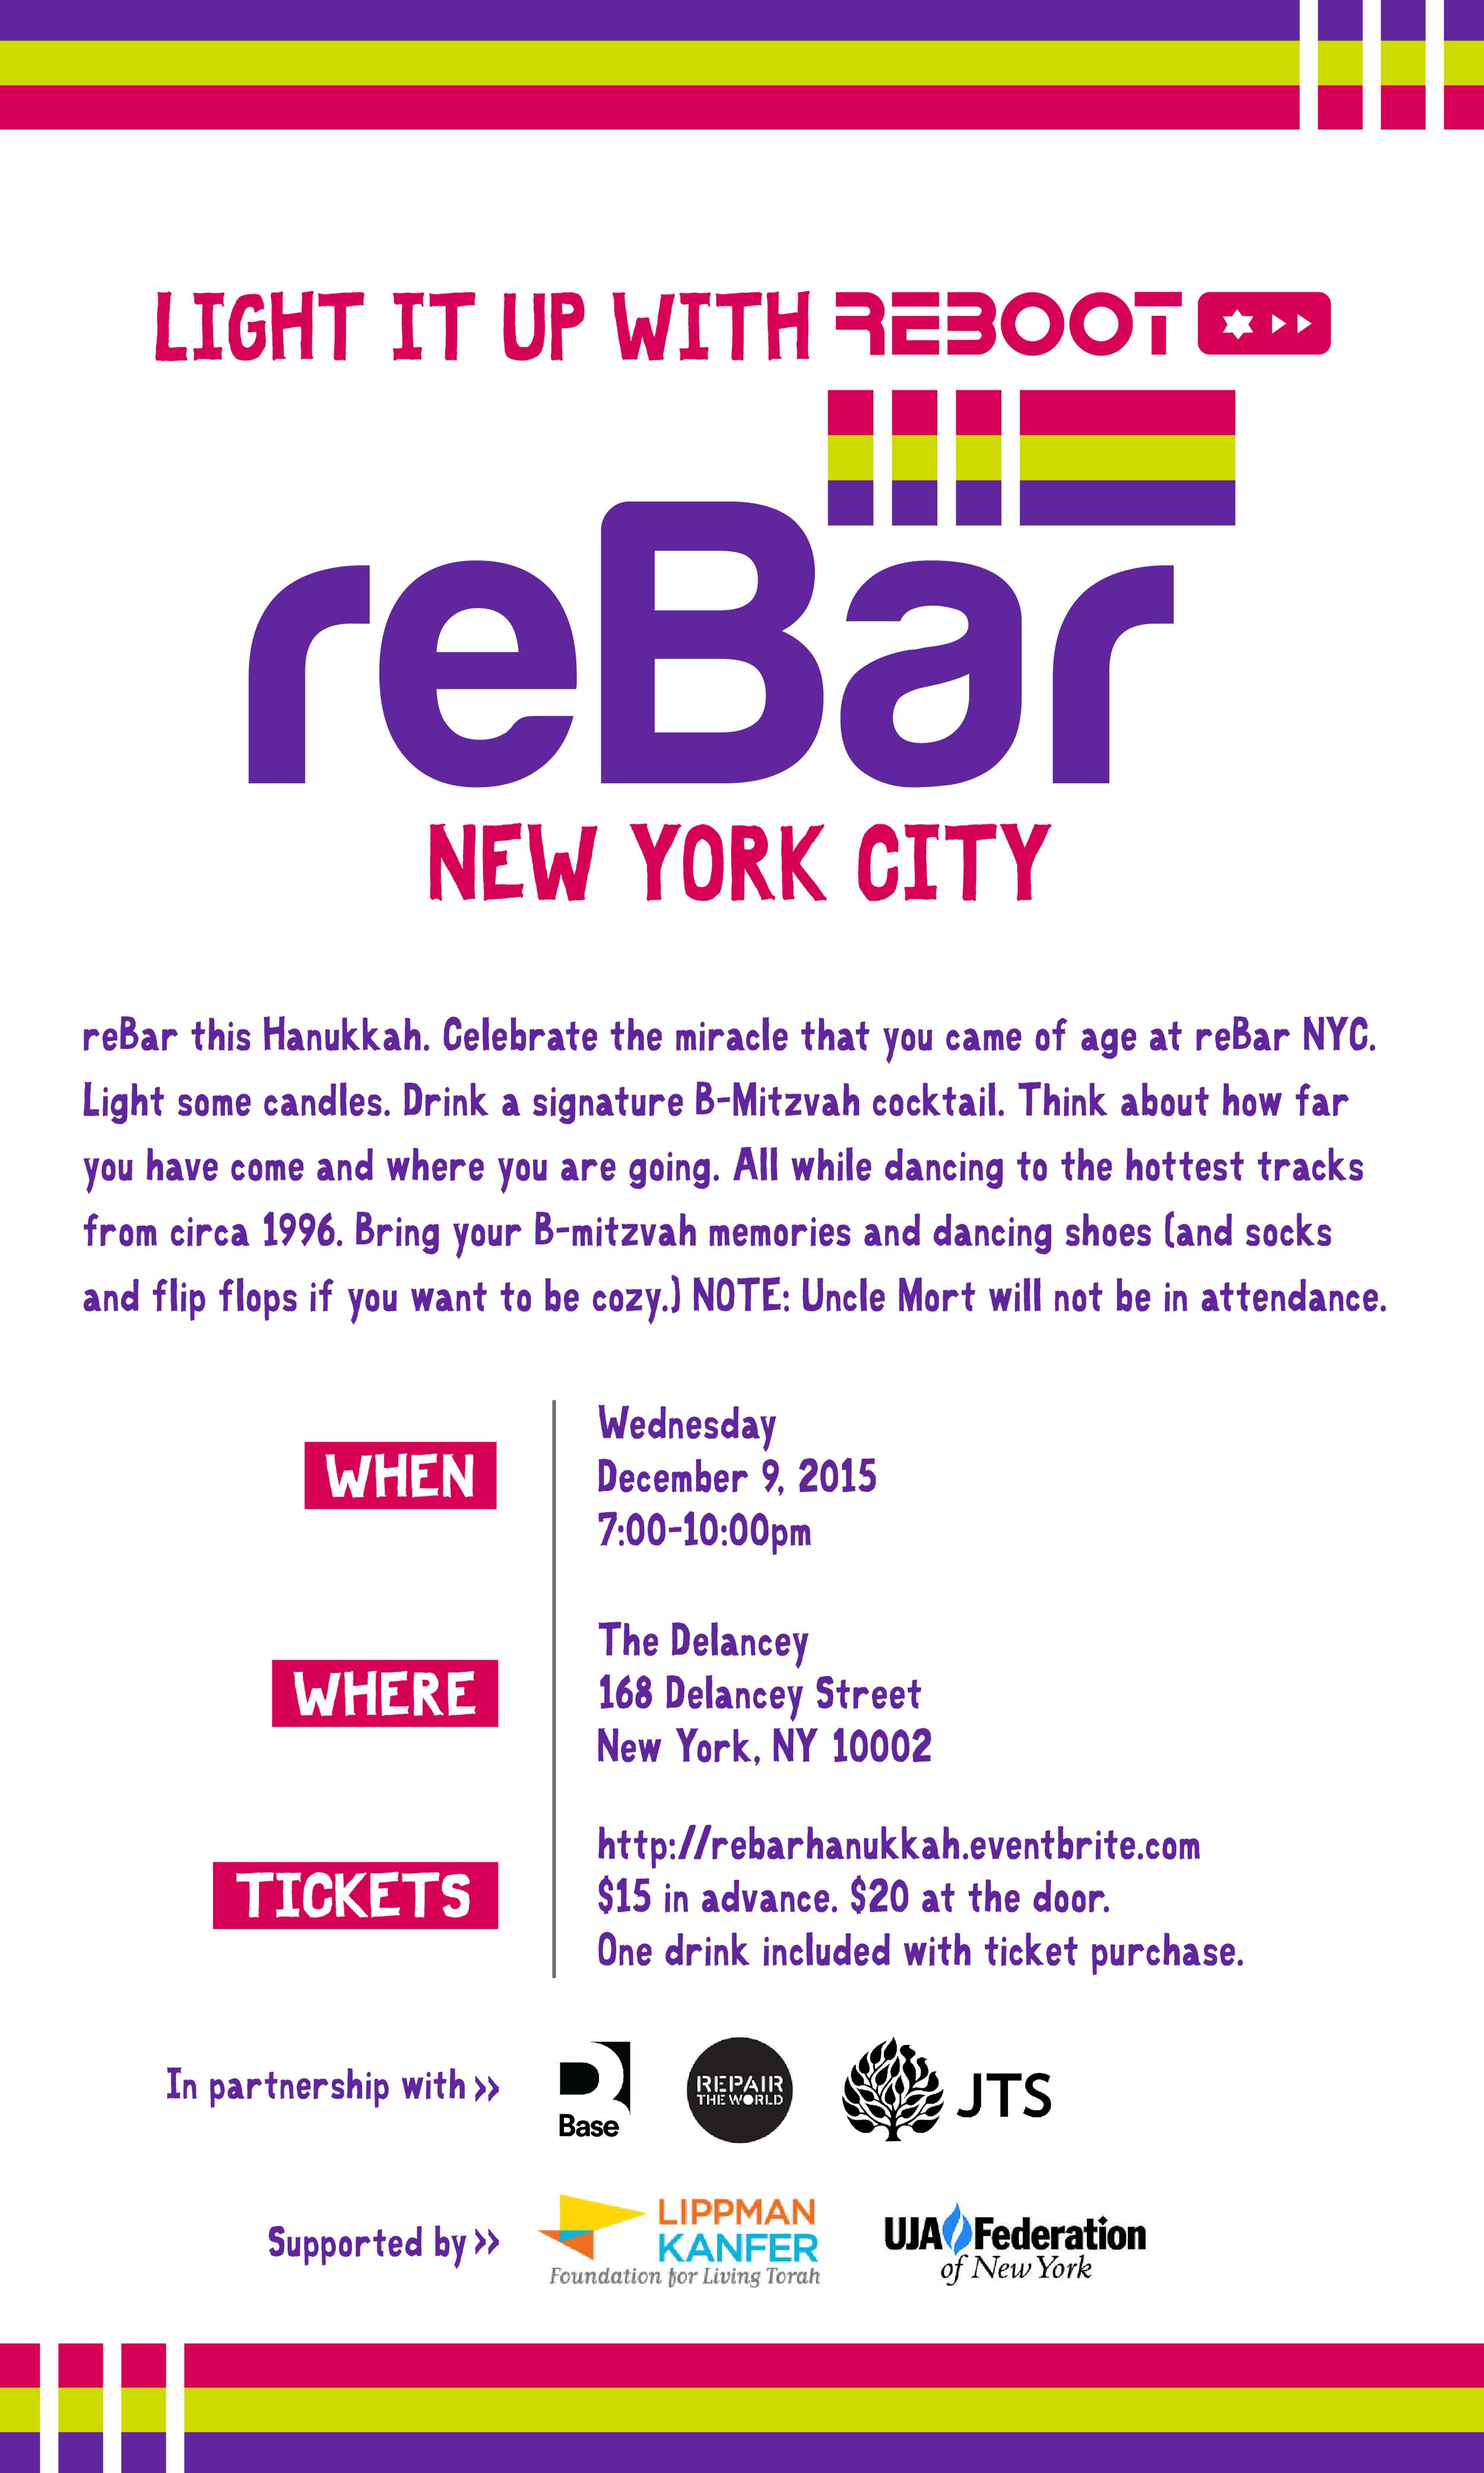 http://www.eventbrite.com/e/rebar-nyc-tickets-19171641897